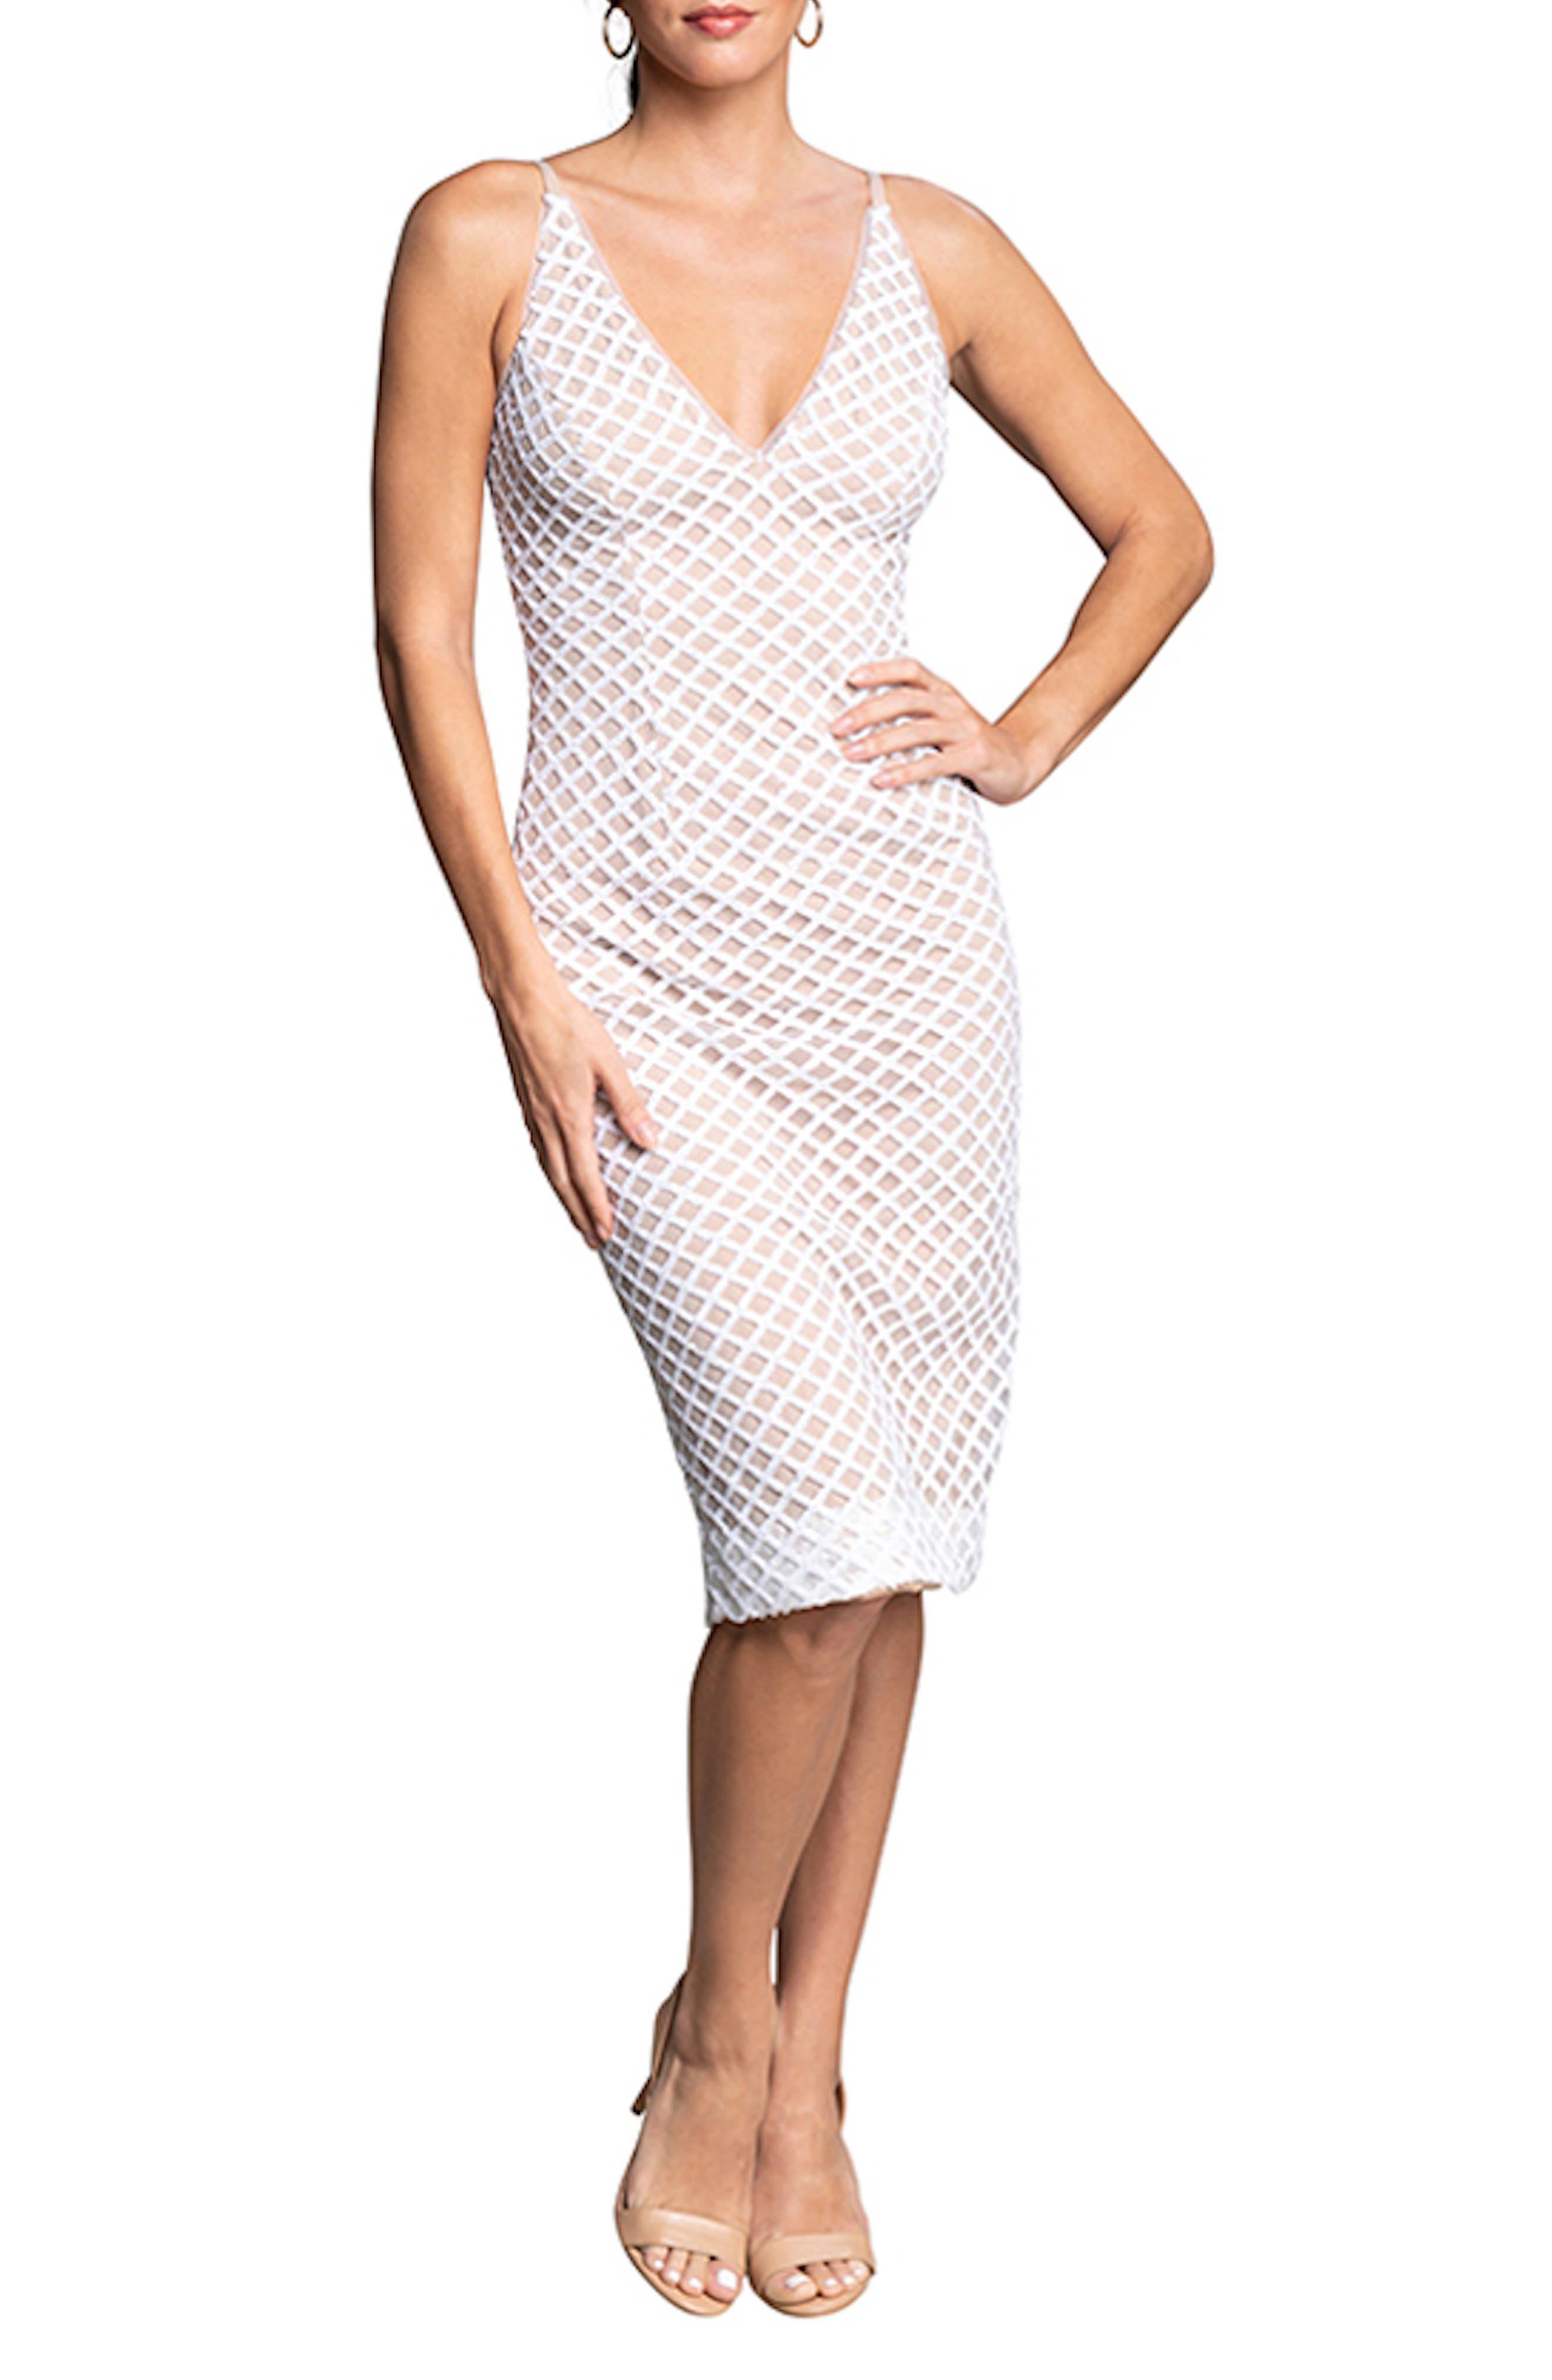 Luna Fishnet Cocktail Dress